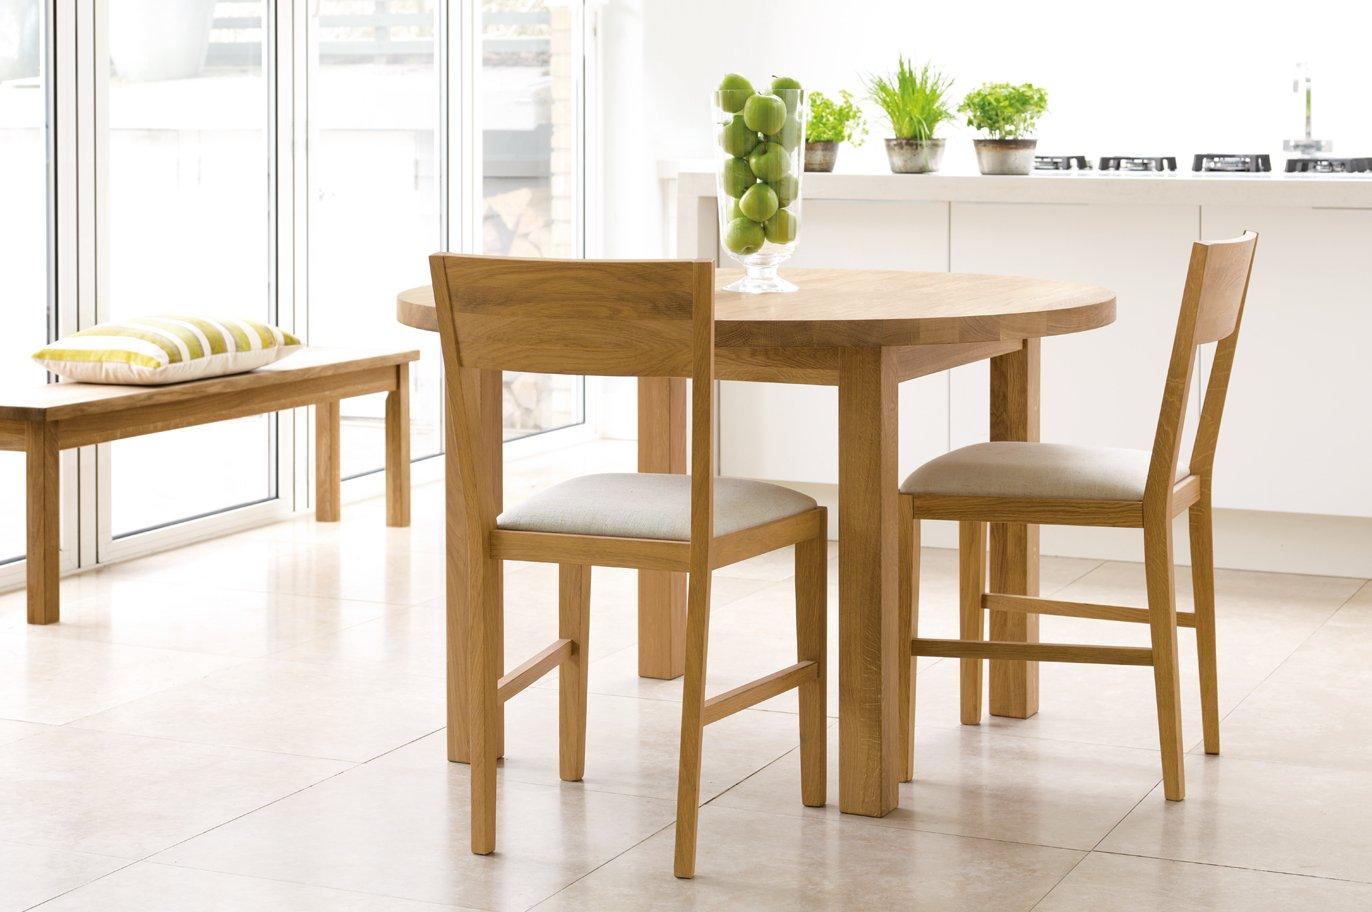 Muebles para una cocina de estilo ingl s decoraci n del for Muebles prefabricados para cocina